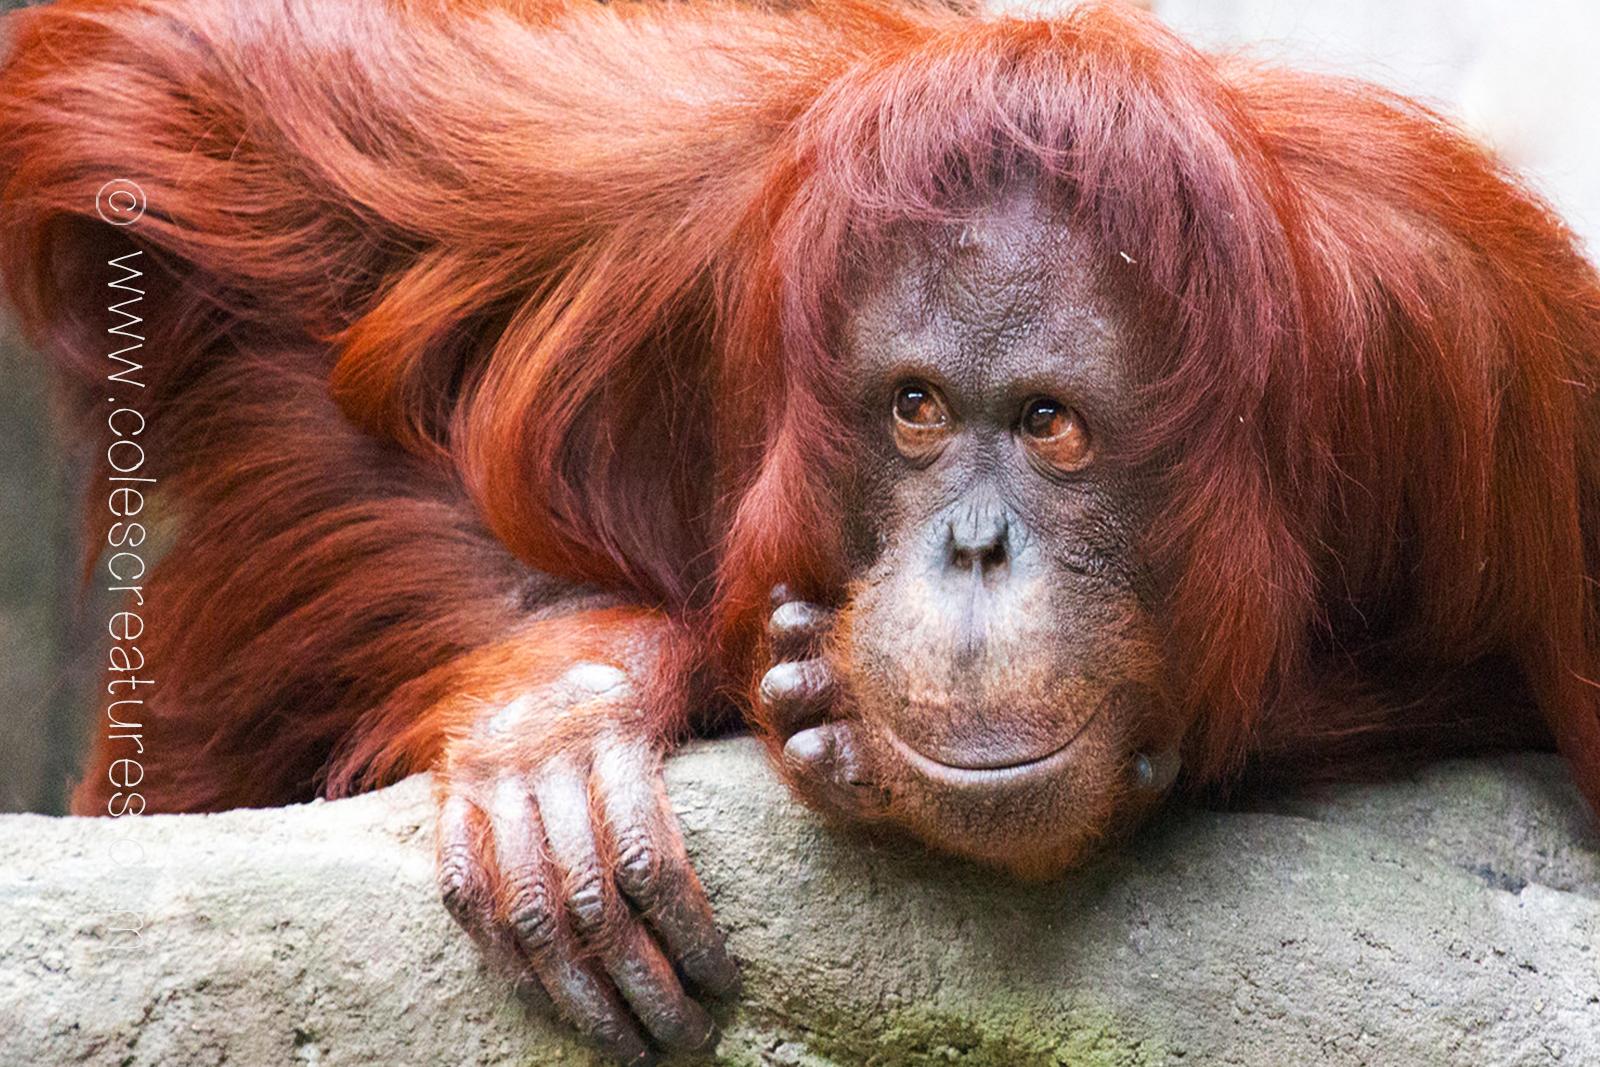 orangutan-background